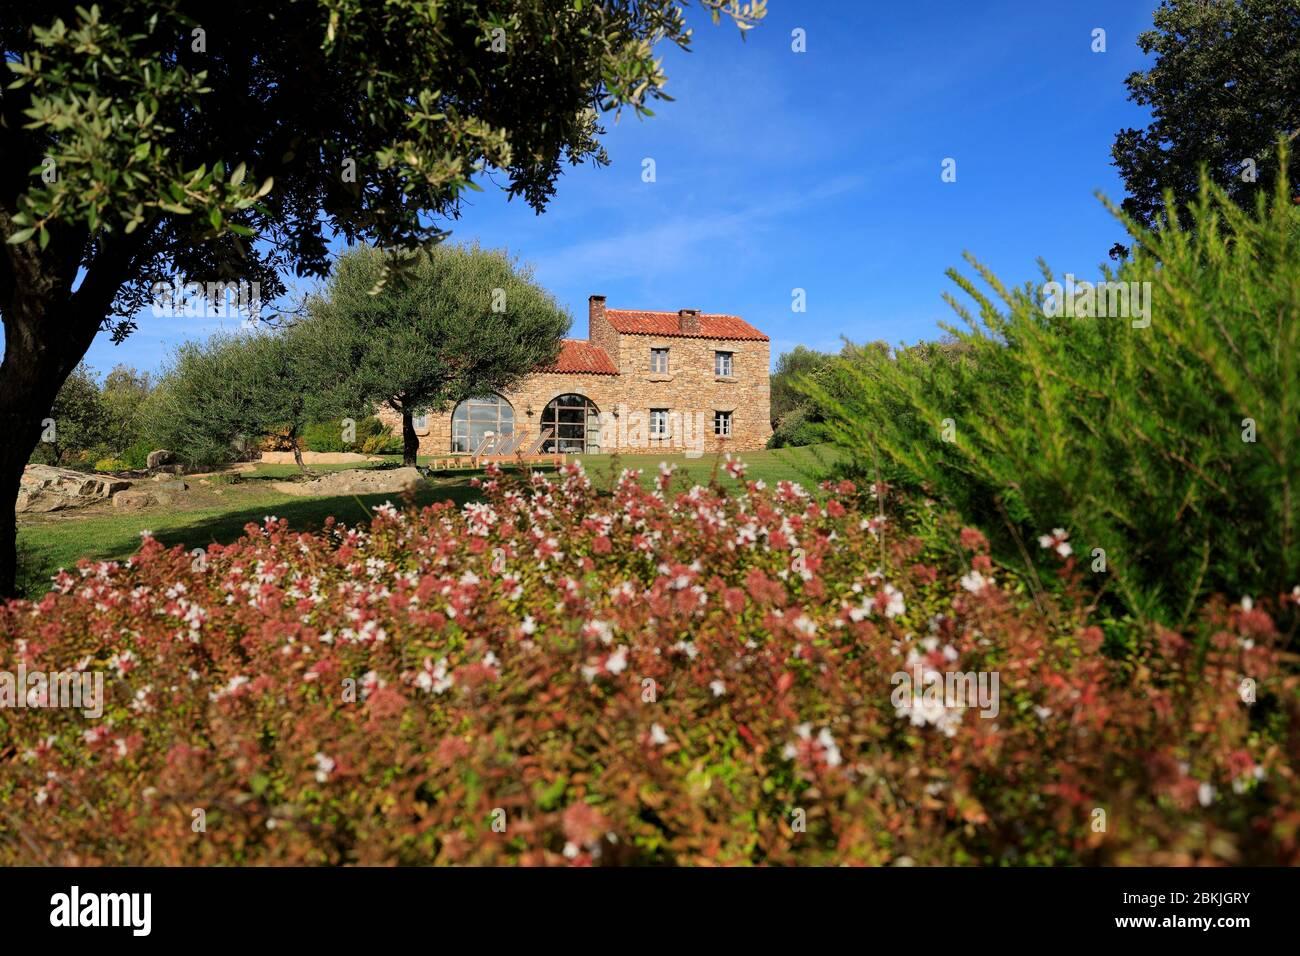 Francia, Corse du Sud, Domaine de Murtoli, U Fragnu casa (mención obligatoria Domaine de Murtoli) Foto de stock